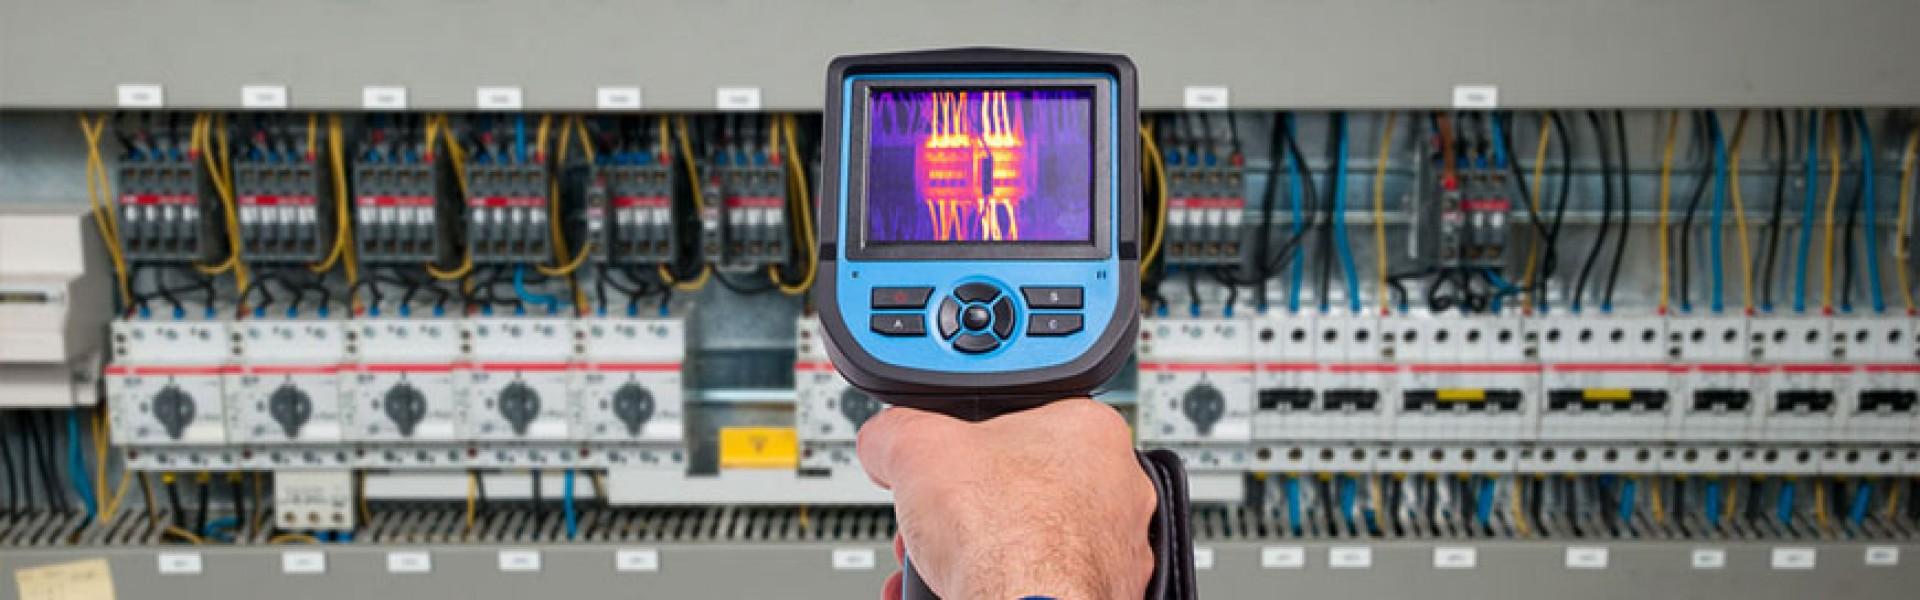 Tan Teknik Kontrol Uluslar Arası Belgelendirme ve Endüstriyel Ürünler Ltd. Şti.